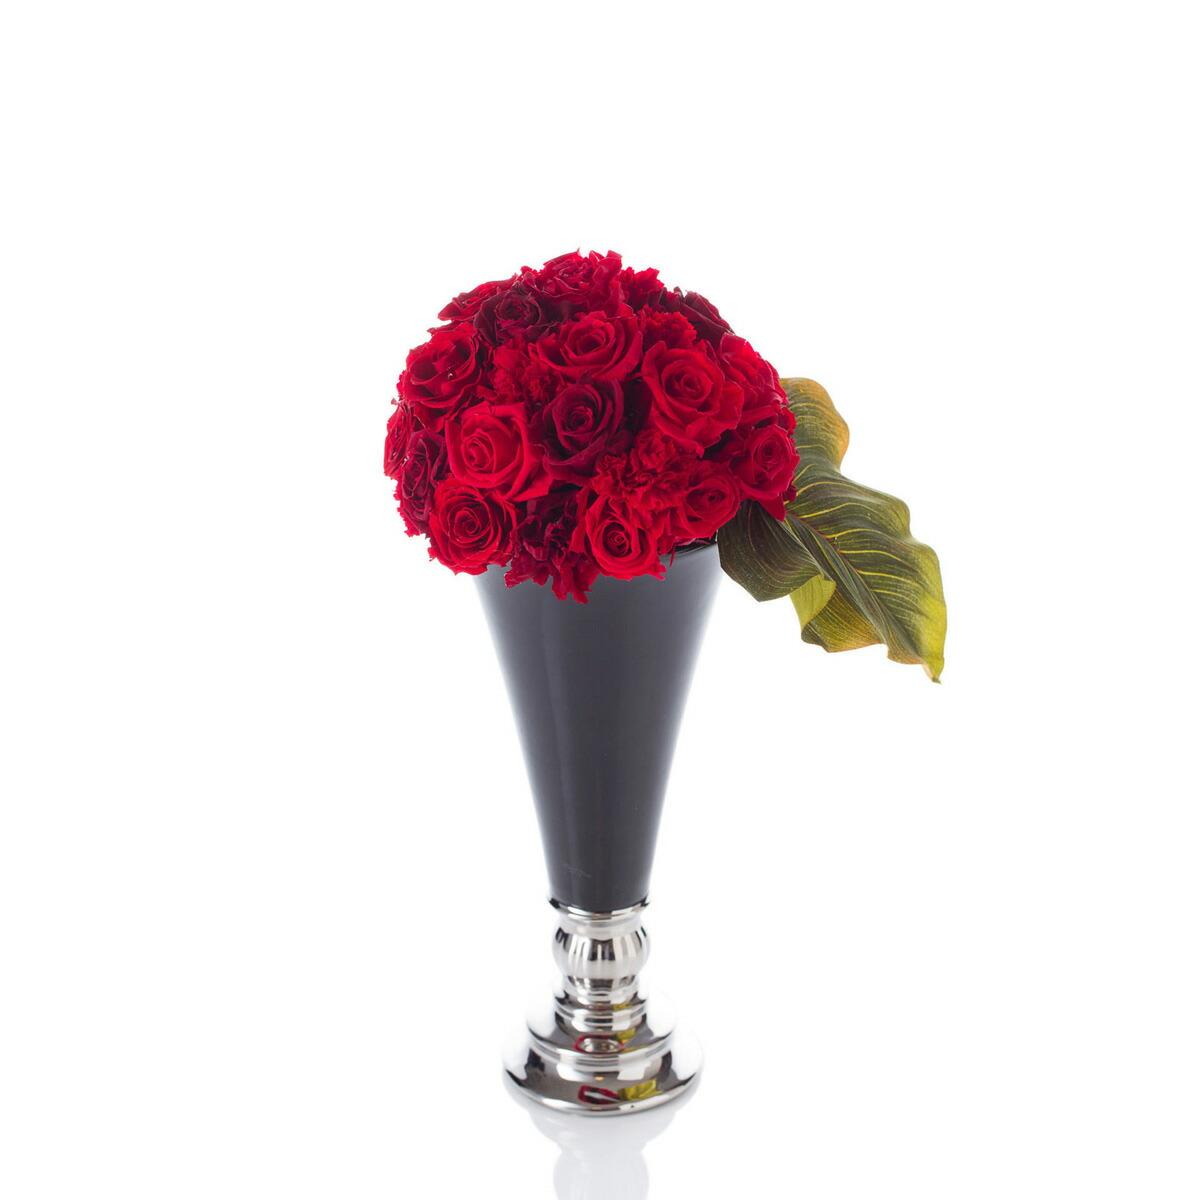 会社設立祝いや開店祝いにオススメの花